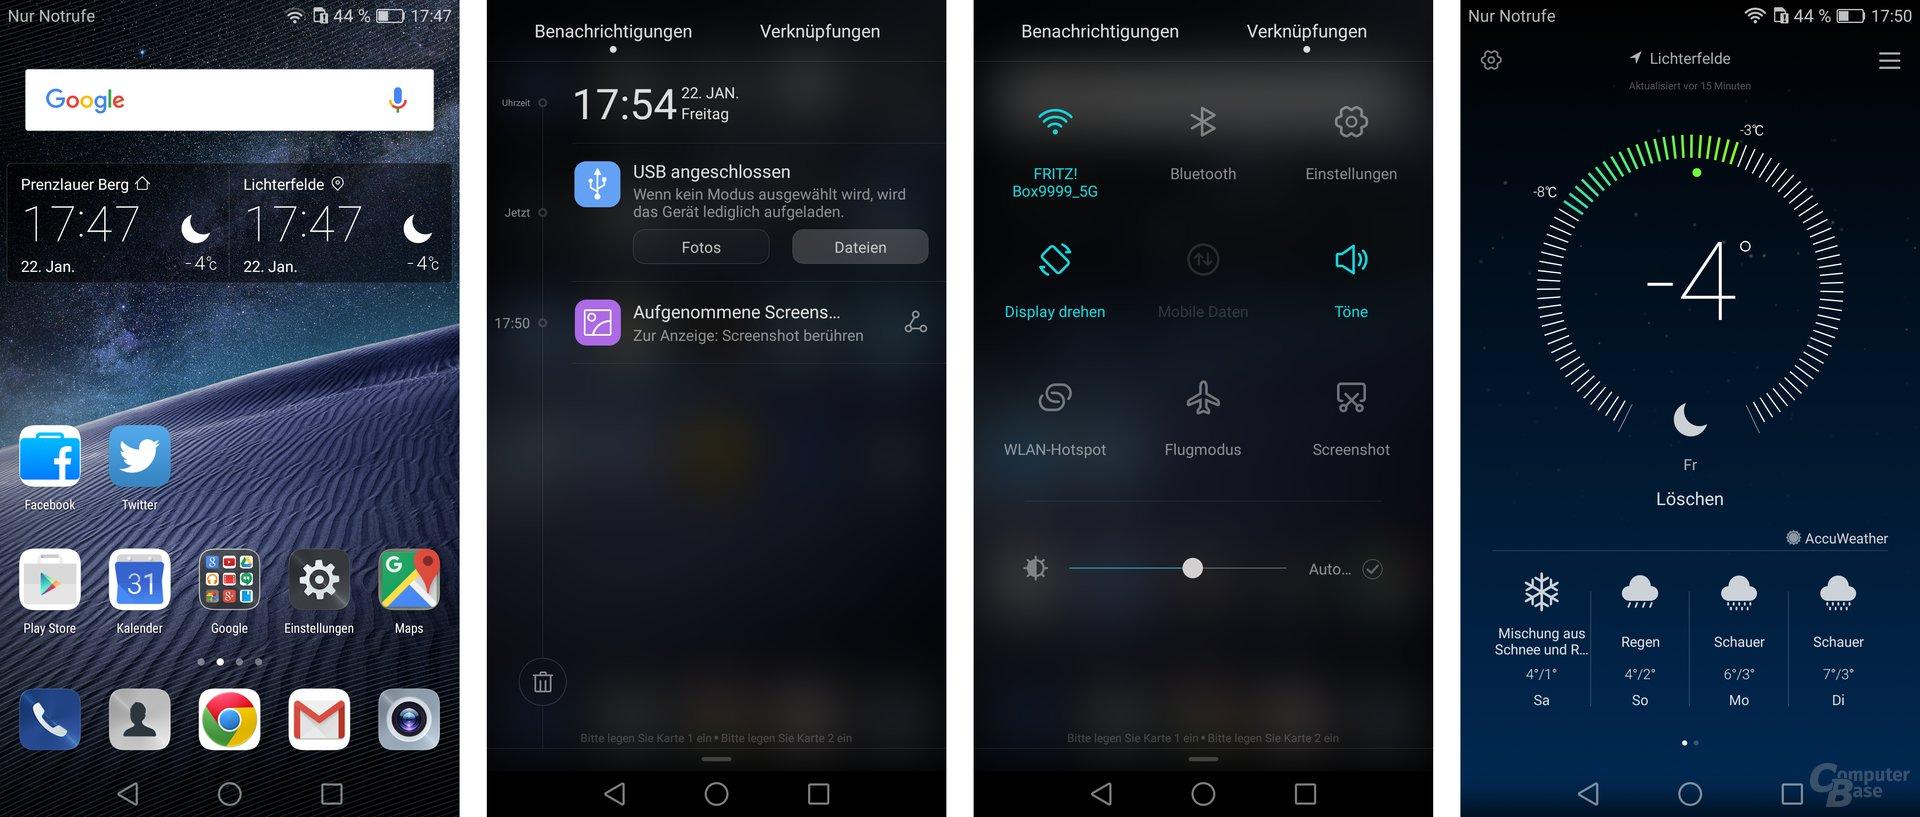 Homescreen / Benachrichtigungen / Schnellzugriff / Wetter-App